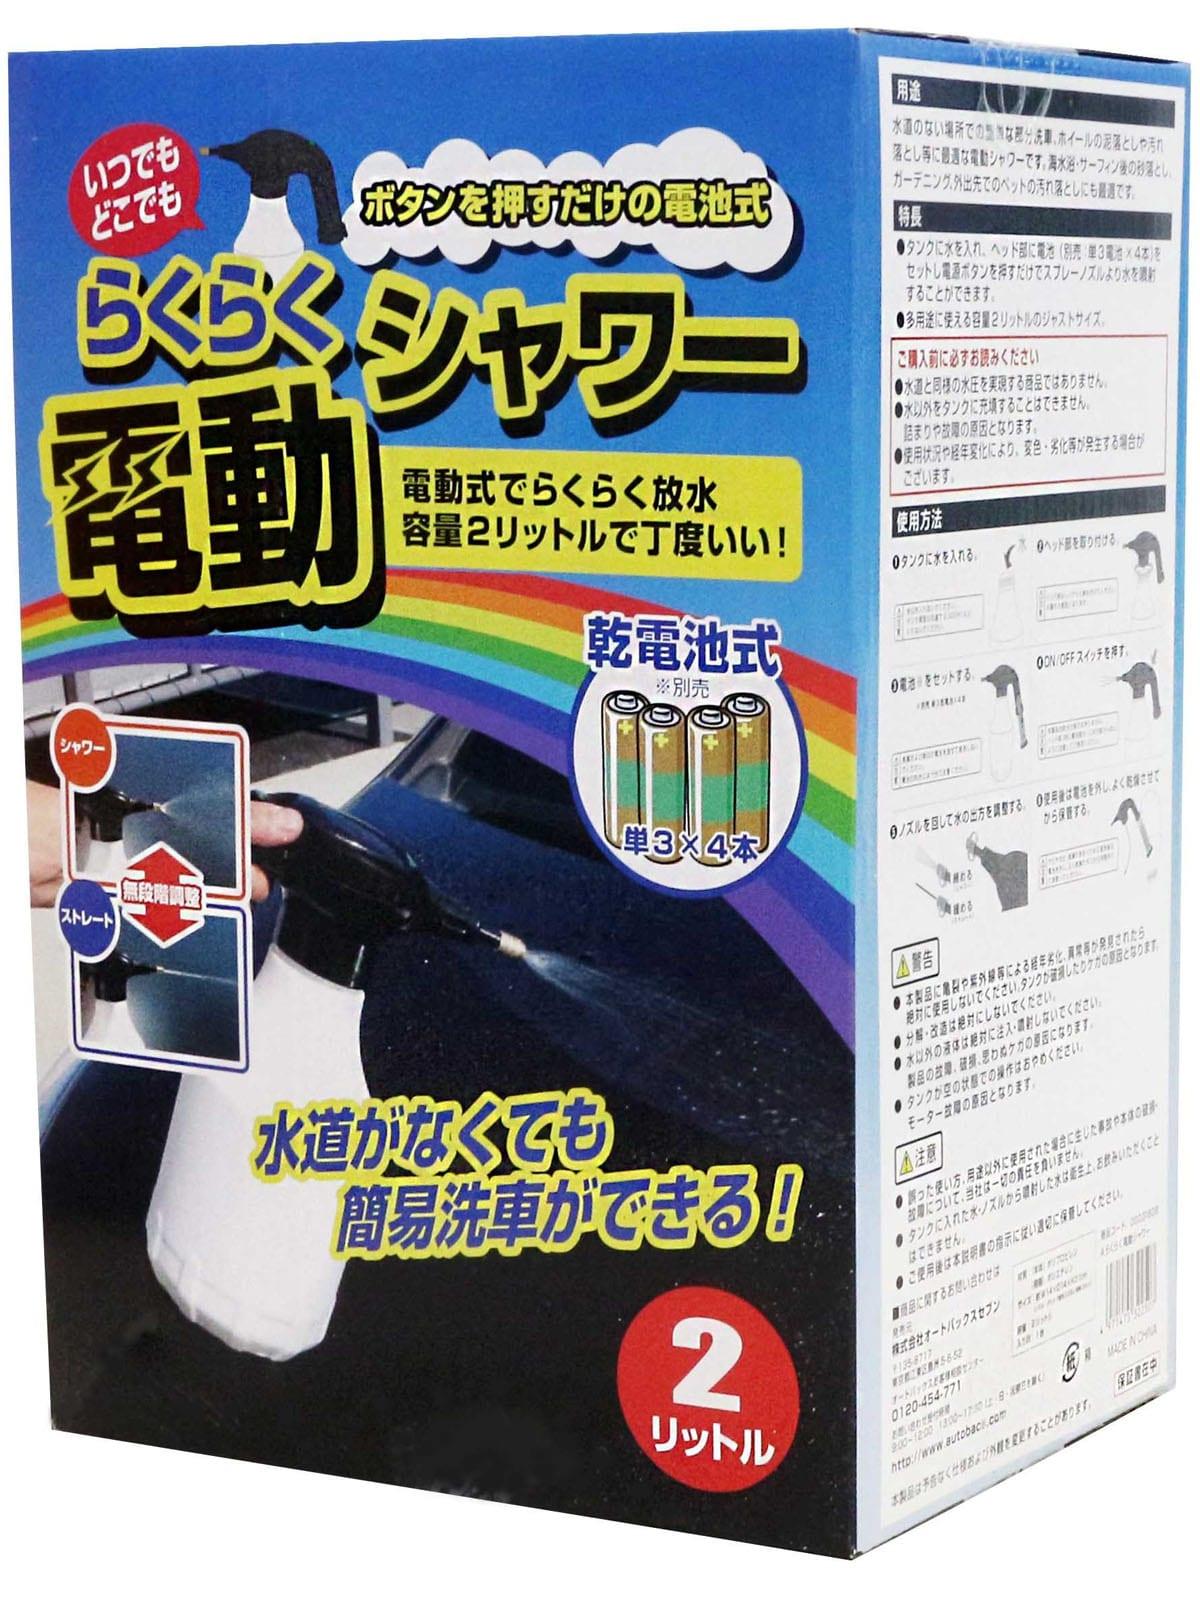 電動だから放水が楽々! 洗車・水やり・海水浴に便利な2Lサイズの携帯シャワー(約2000円)!